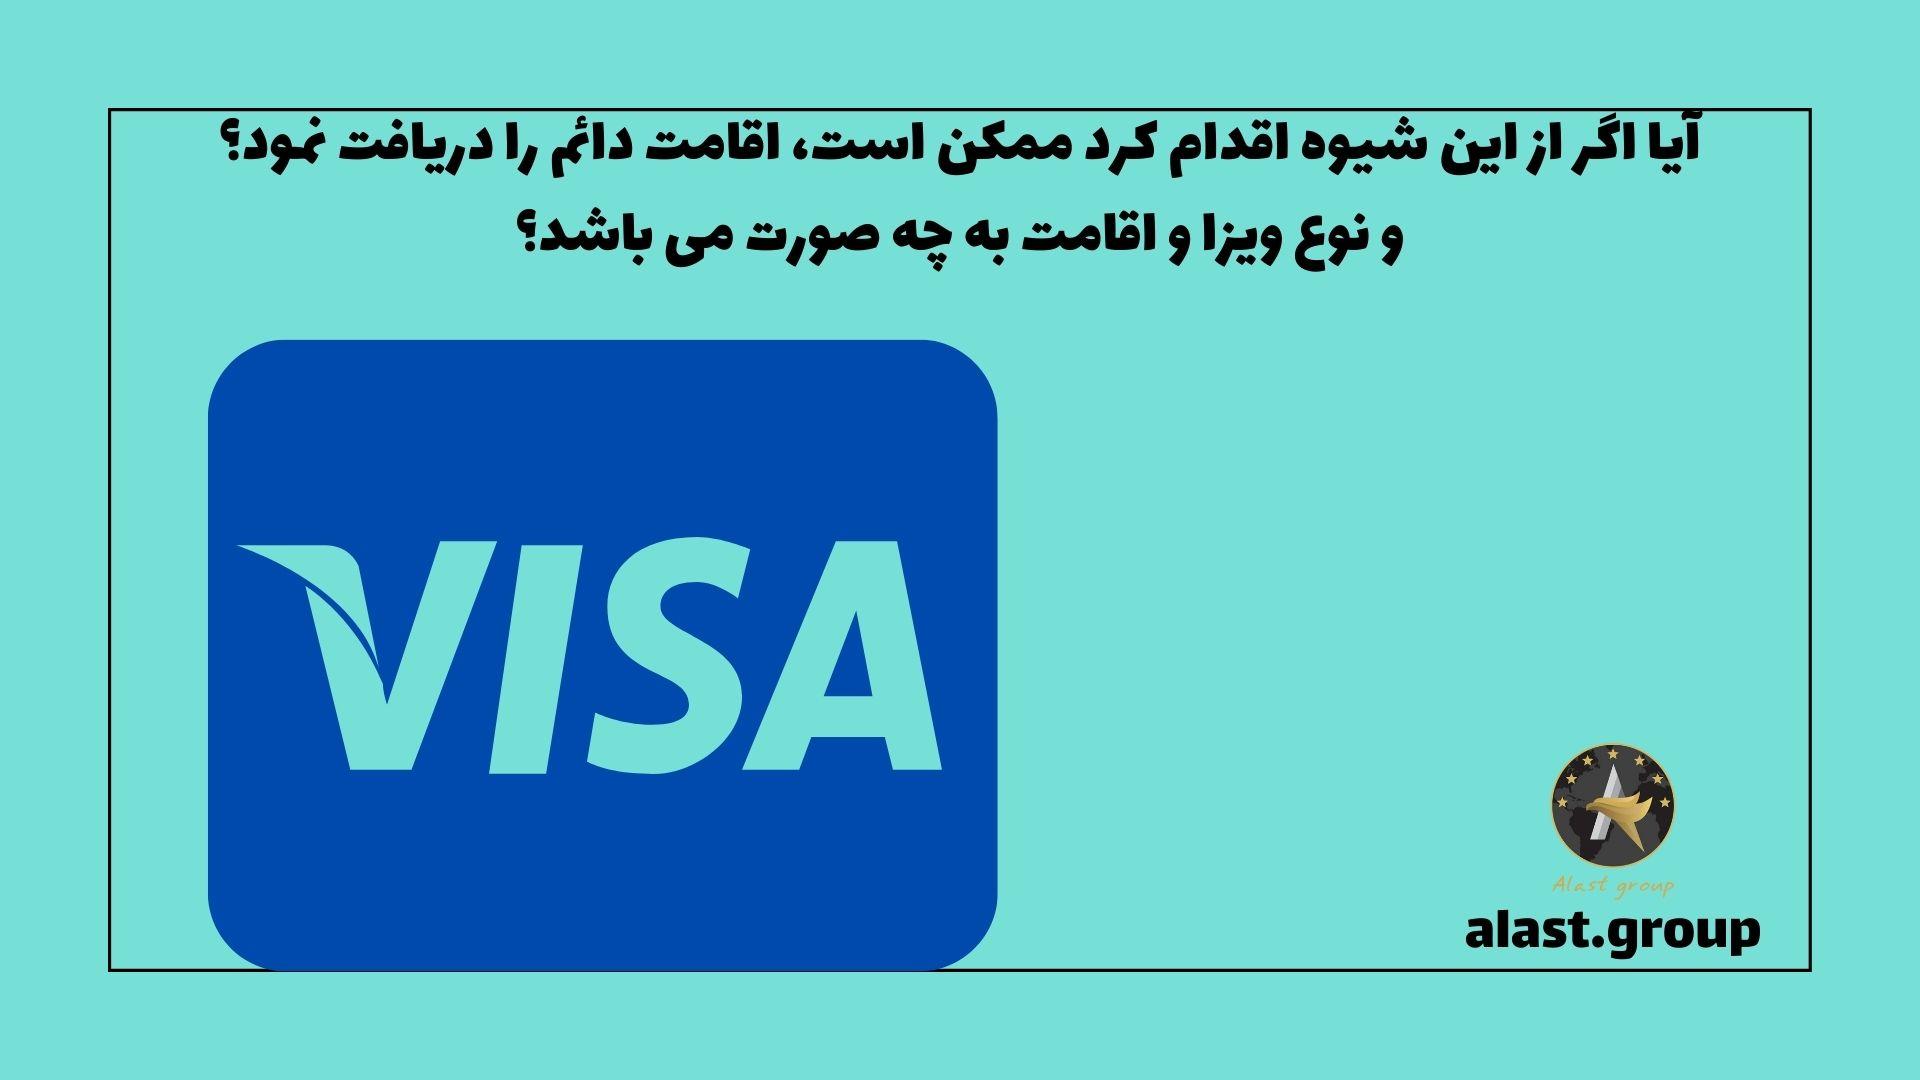 آیا اگر از این شیوه اقدام کرد ممکن است، اقامت دائم را دریافت نمود؟ و نوع ویزا و اقامت به چه صورت می باشد؟